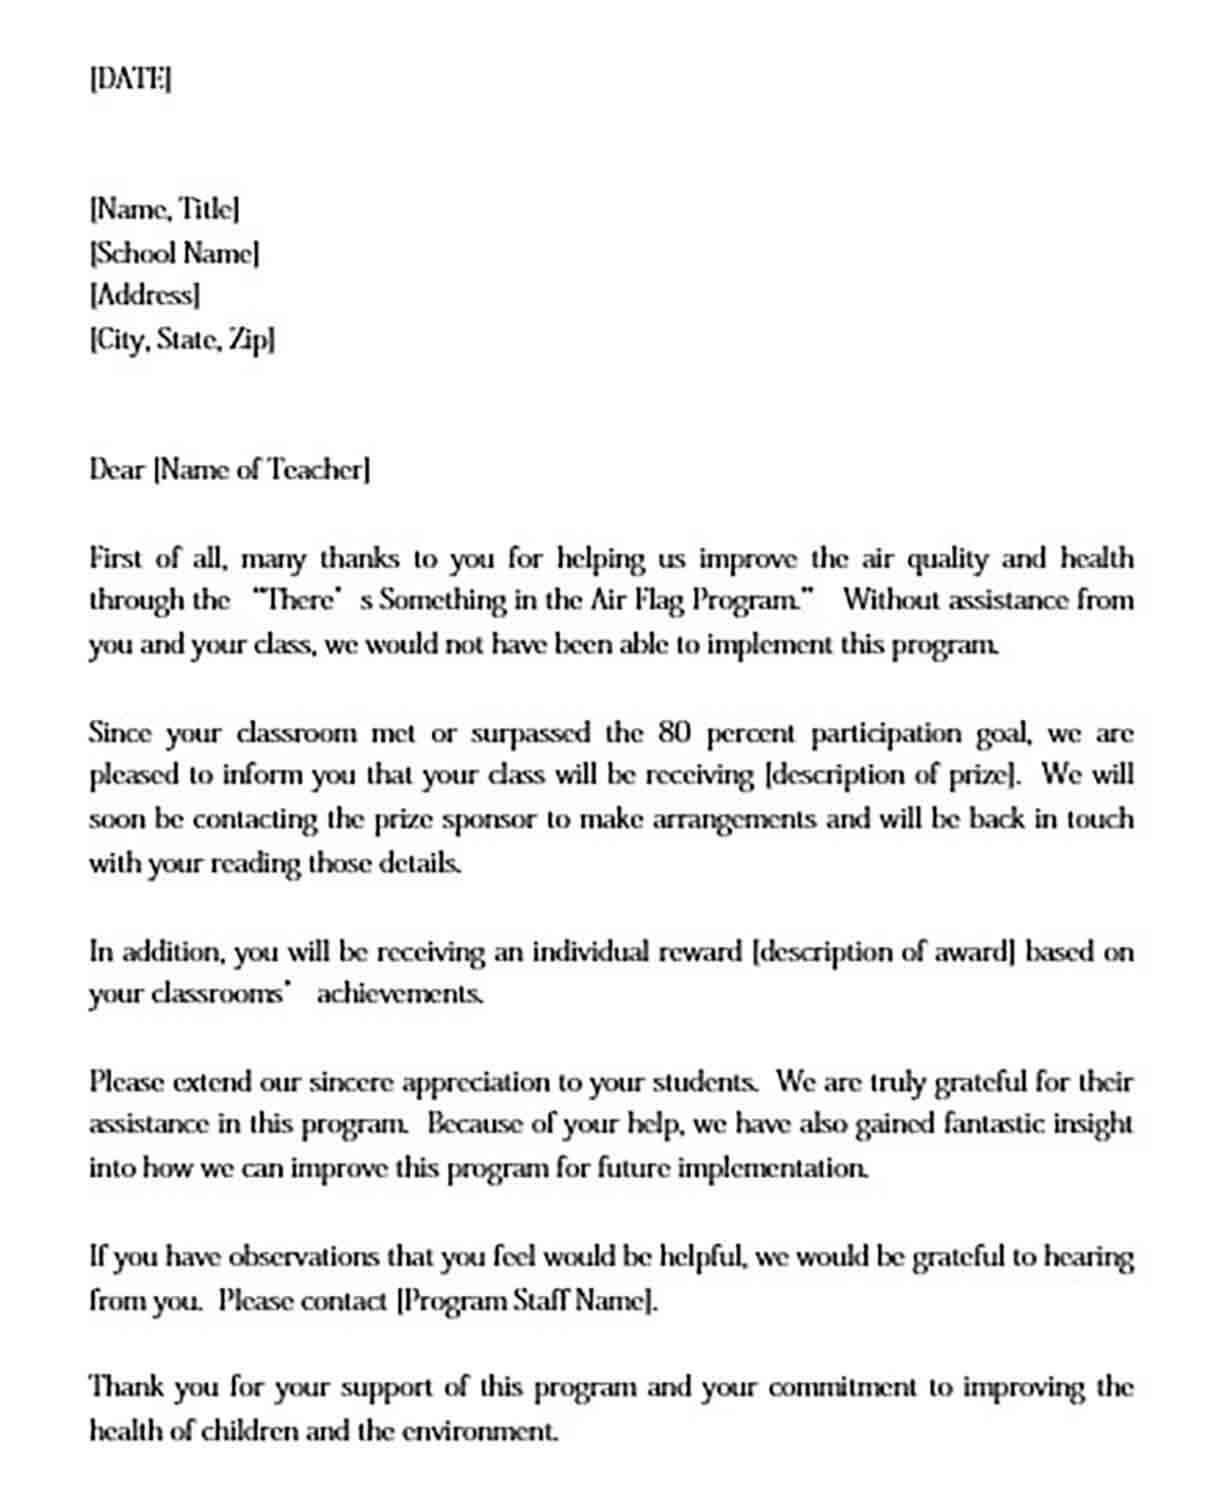 Sample Teacher thank you Letter